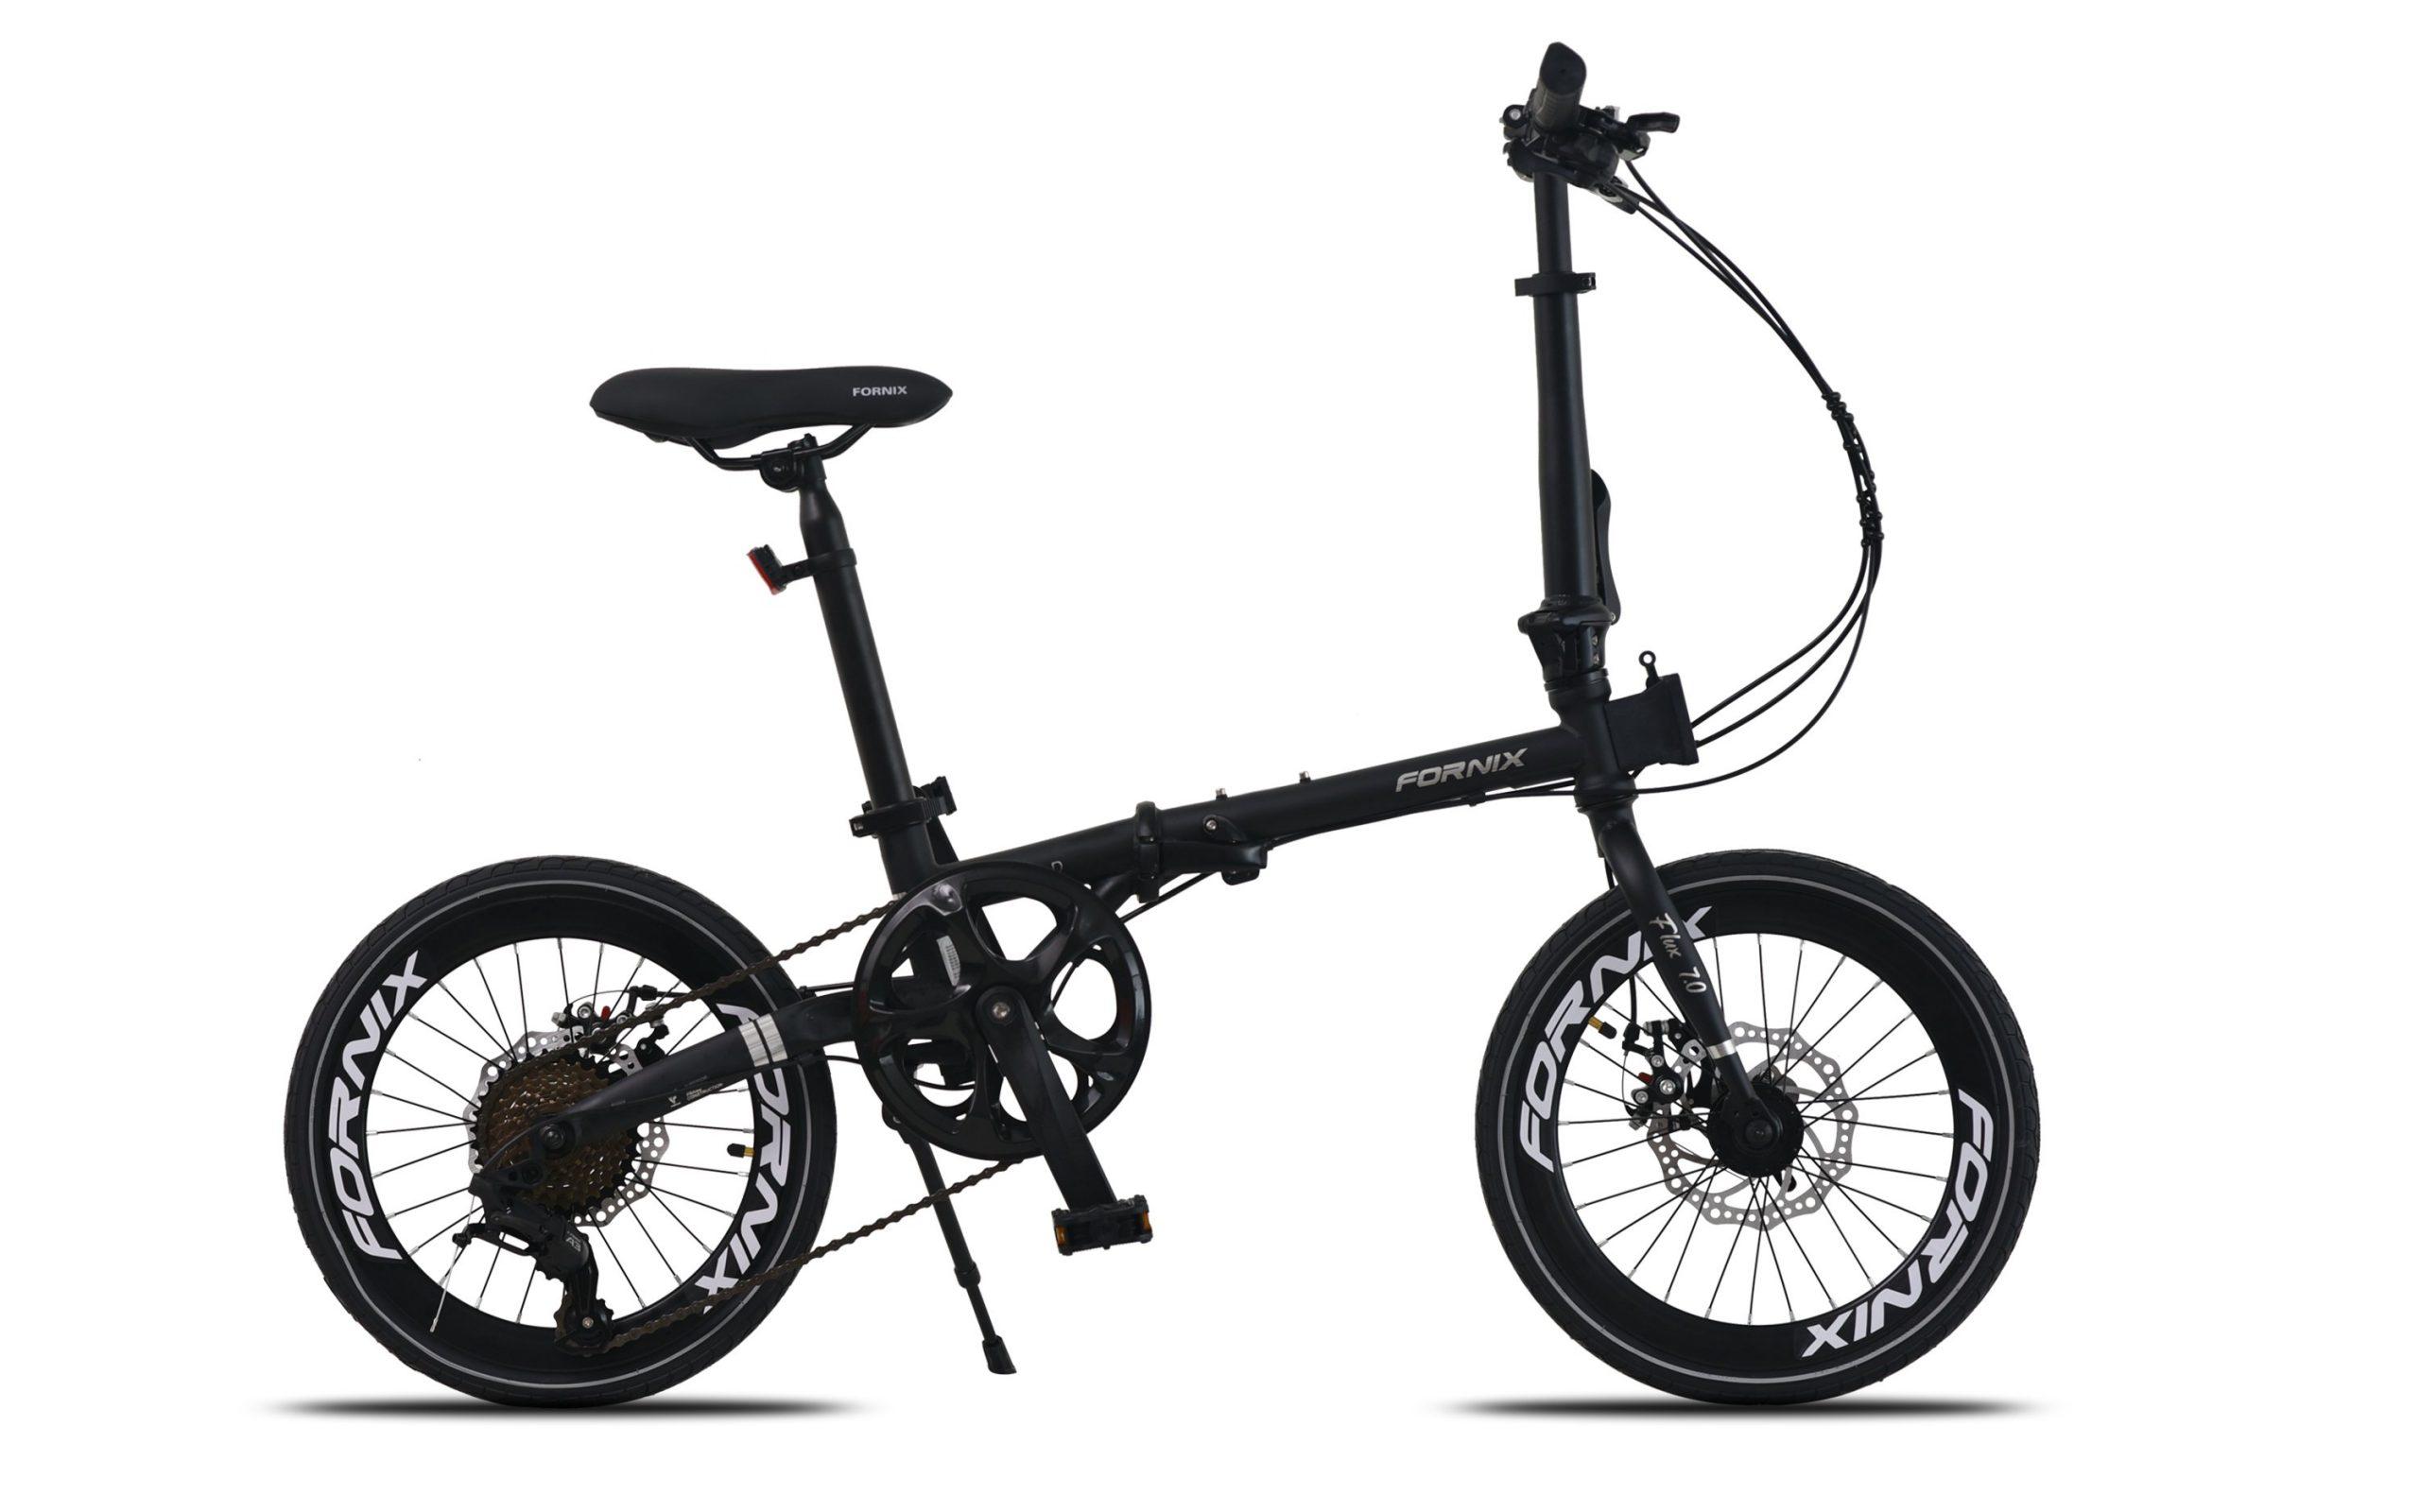 Xe đạp gấp Fornix Flux 7.0_màu đen